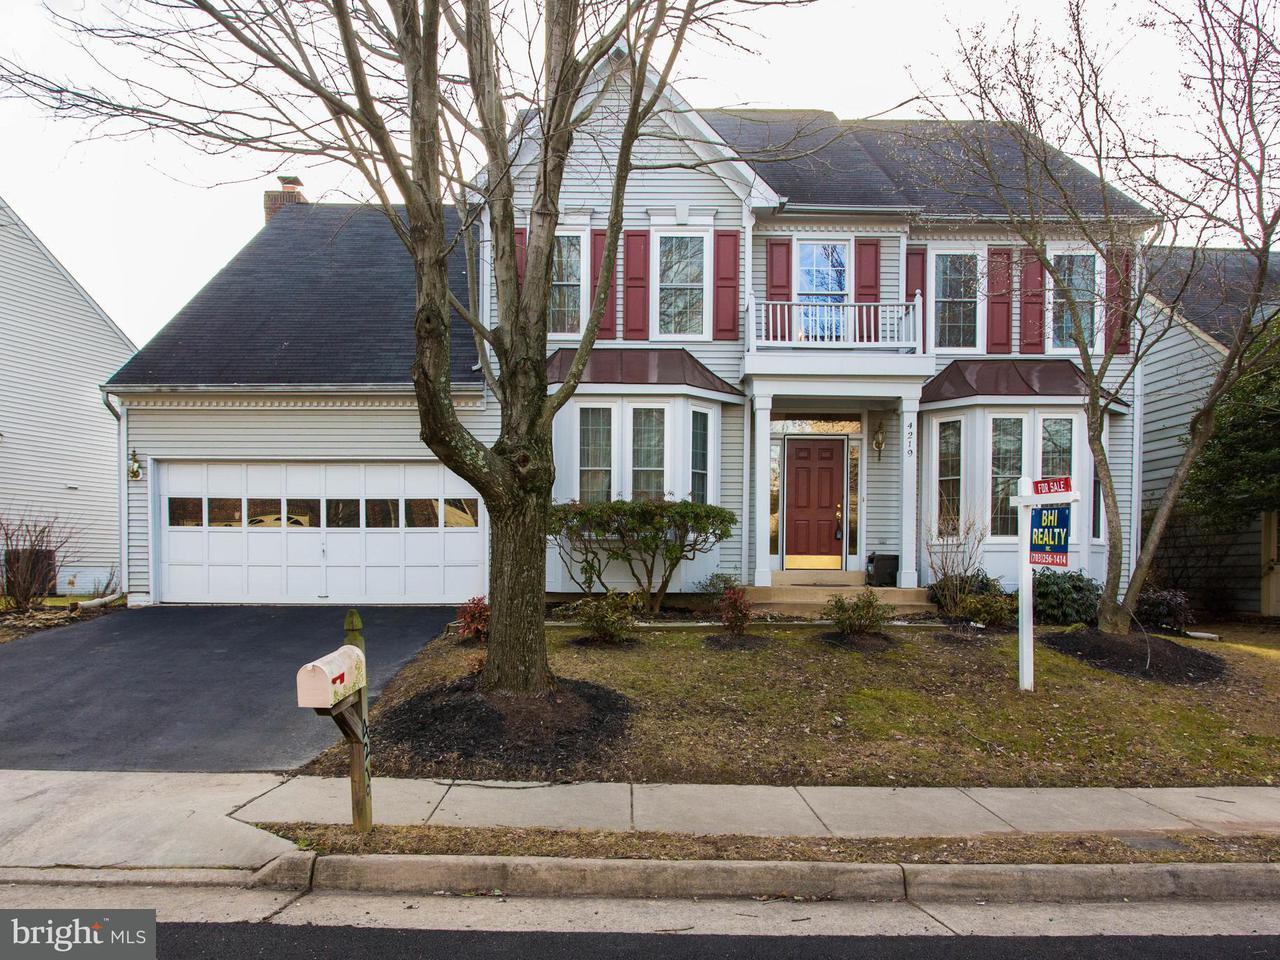 Μονοκατοικία για την Πώληση στο 4219 Trowbridge Street 4219 Trowbridge Street Fairfax, Βιρτζινια 22030 Ηνωμενεσ Πολιτειεσ